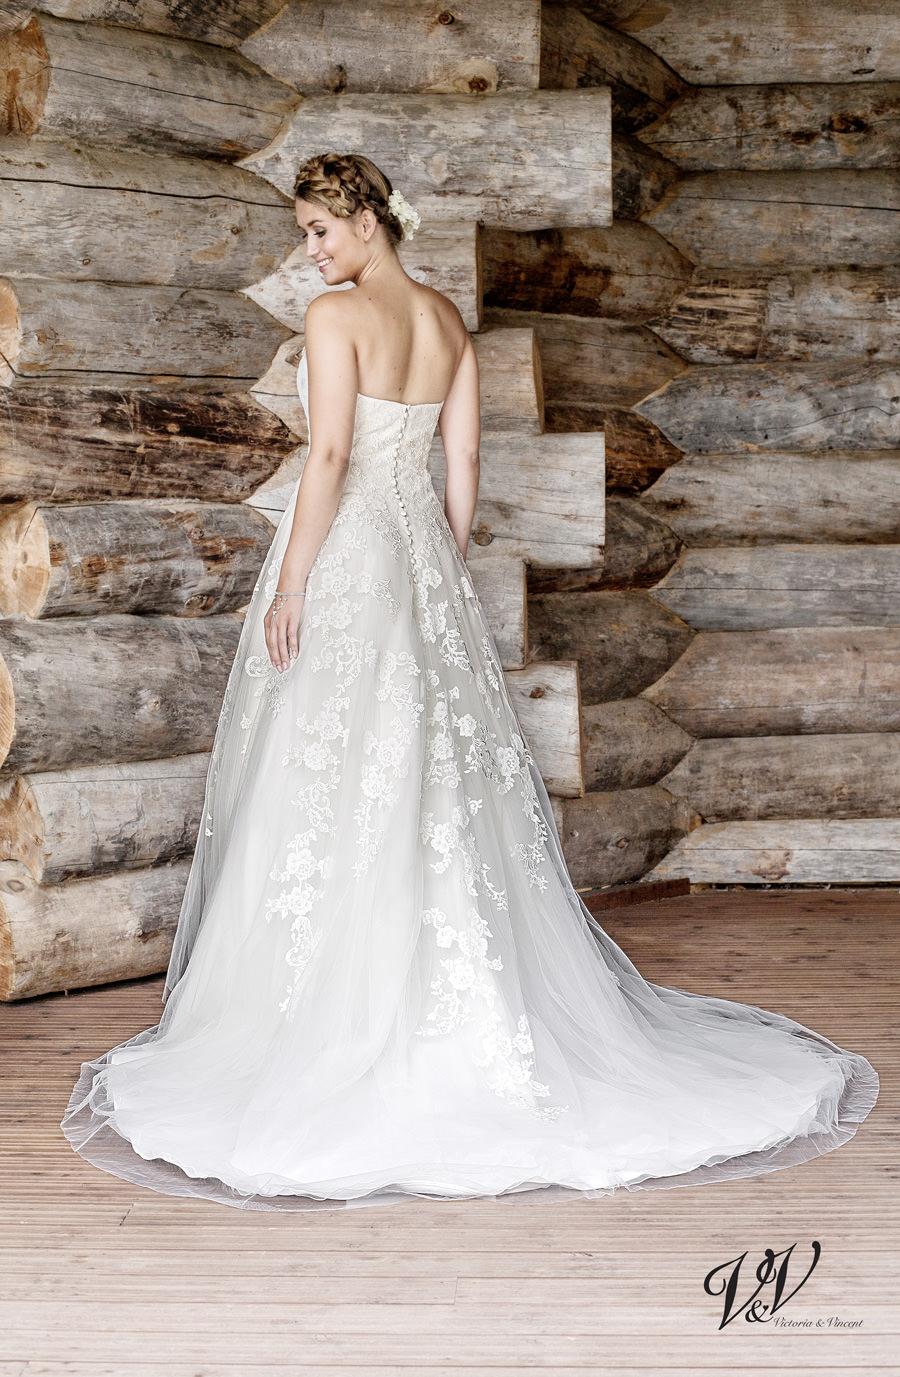 Brautkleid München Spitze Herzausschnitt Google Brautmoden Hochzeit Vintage Boho Alinie Schleier Reifrock Facebook Knopfleiste Schleppe